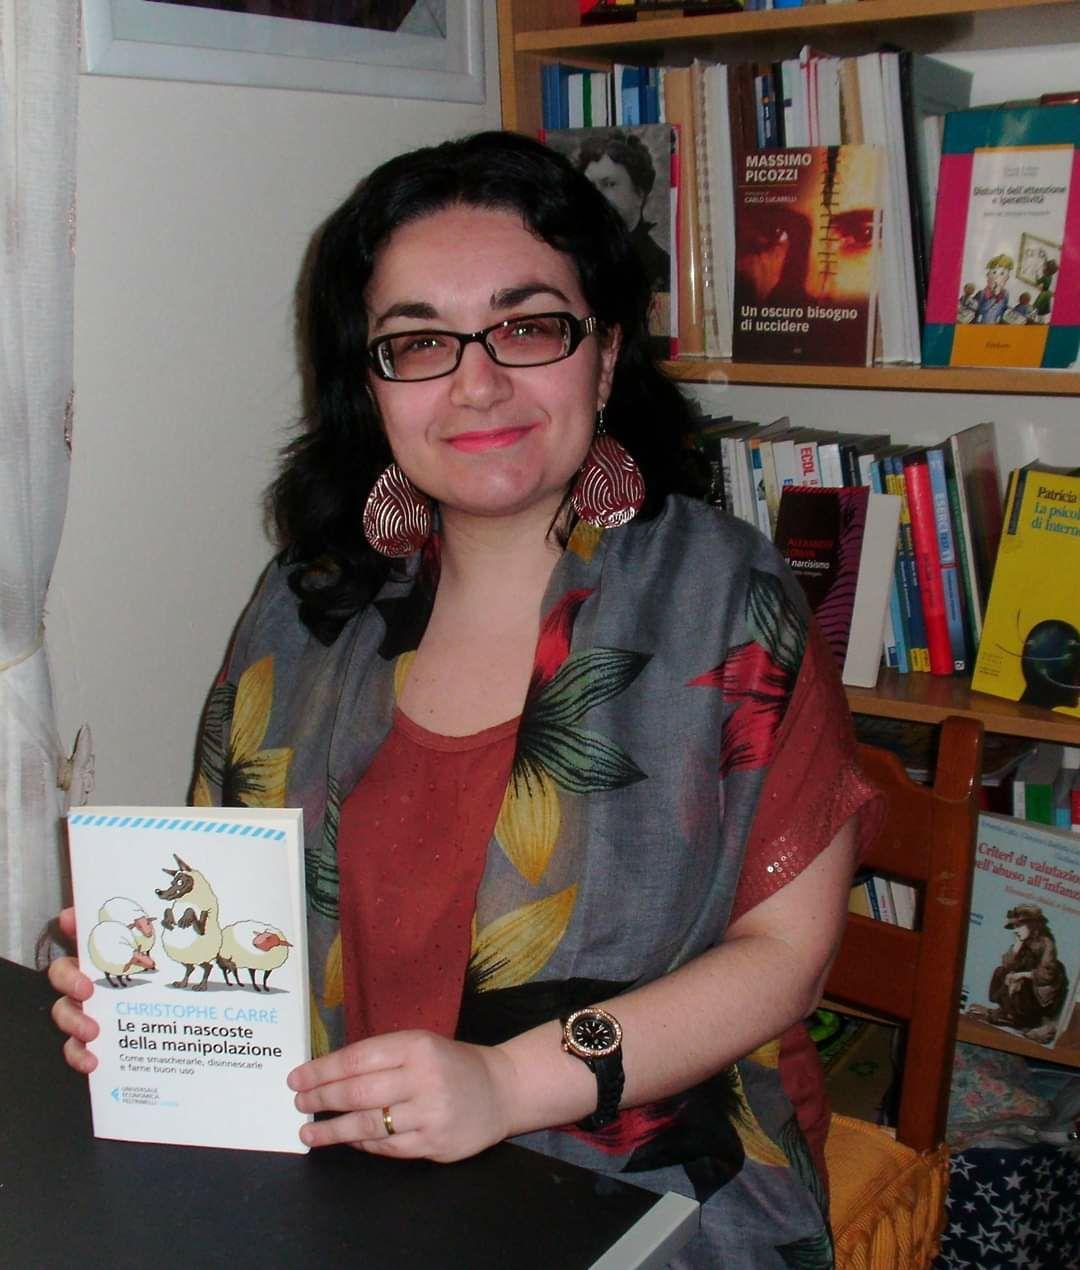 Motivazioni del tradimento Extraconiugale: la psicologa Ganci nel programma radiofonico Omnia